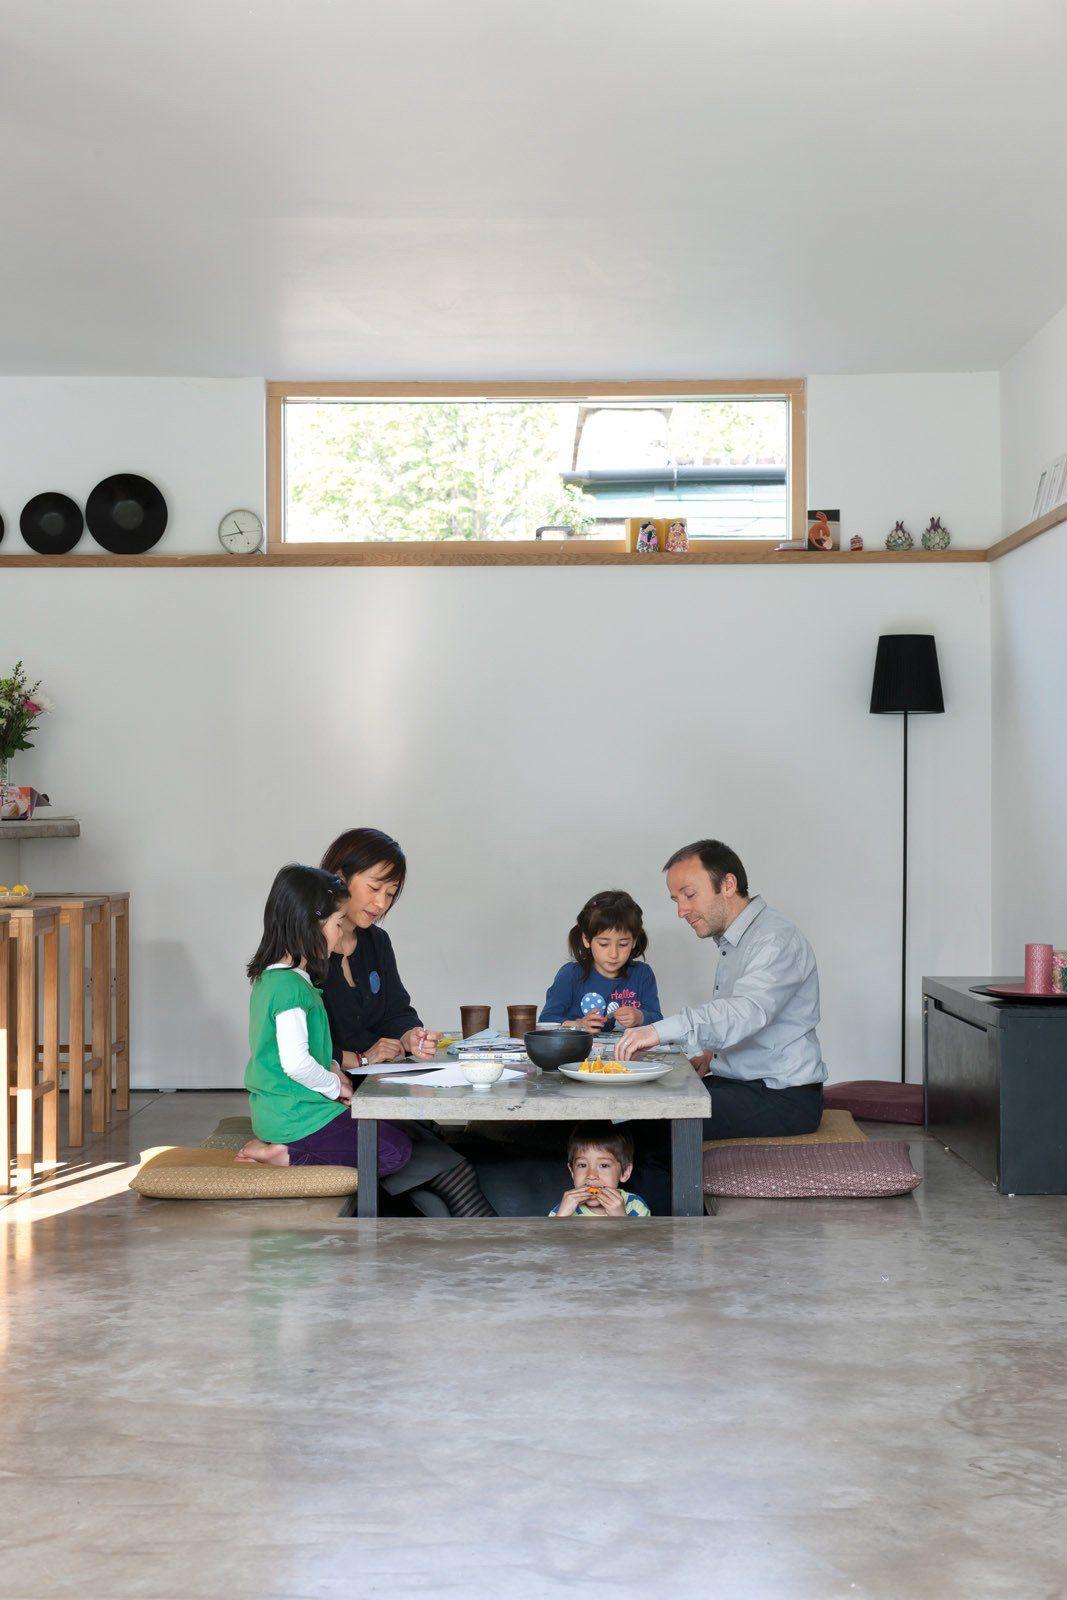 Japanese House By Konishi Gaffney Architects Japanese Dining Table Japanese Interior Japanese Furniture